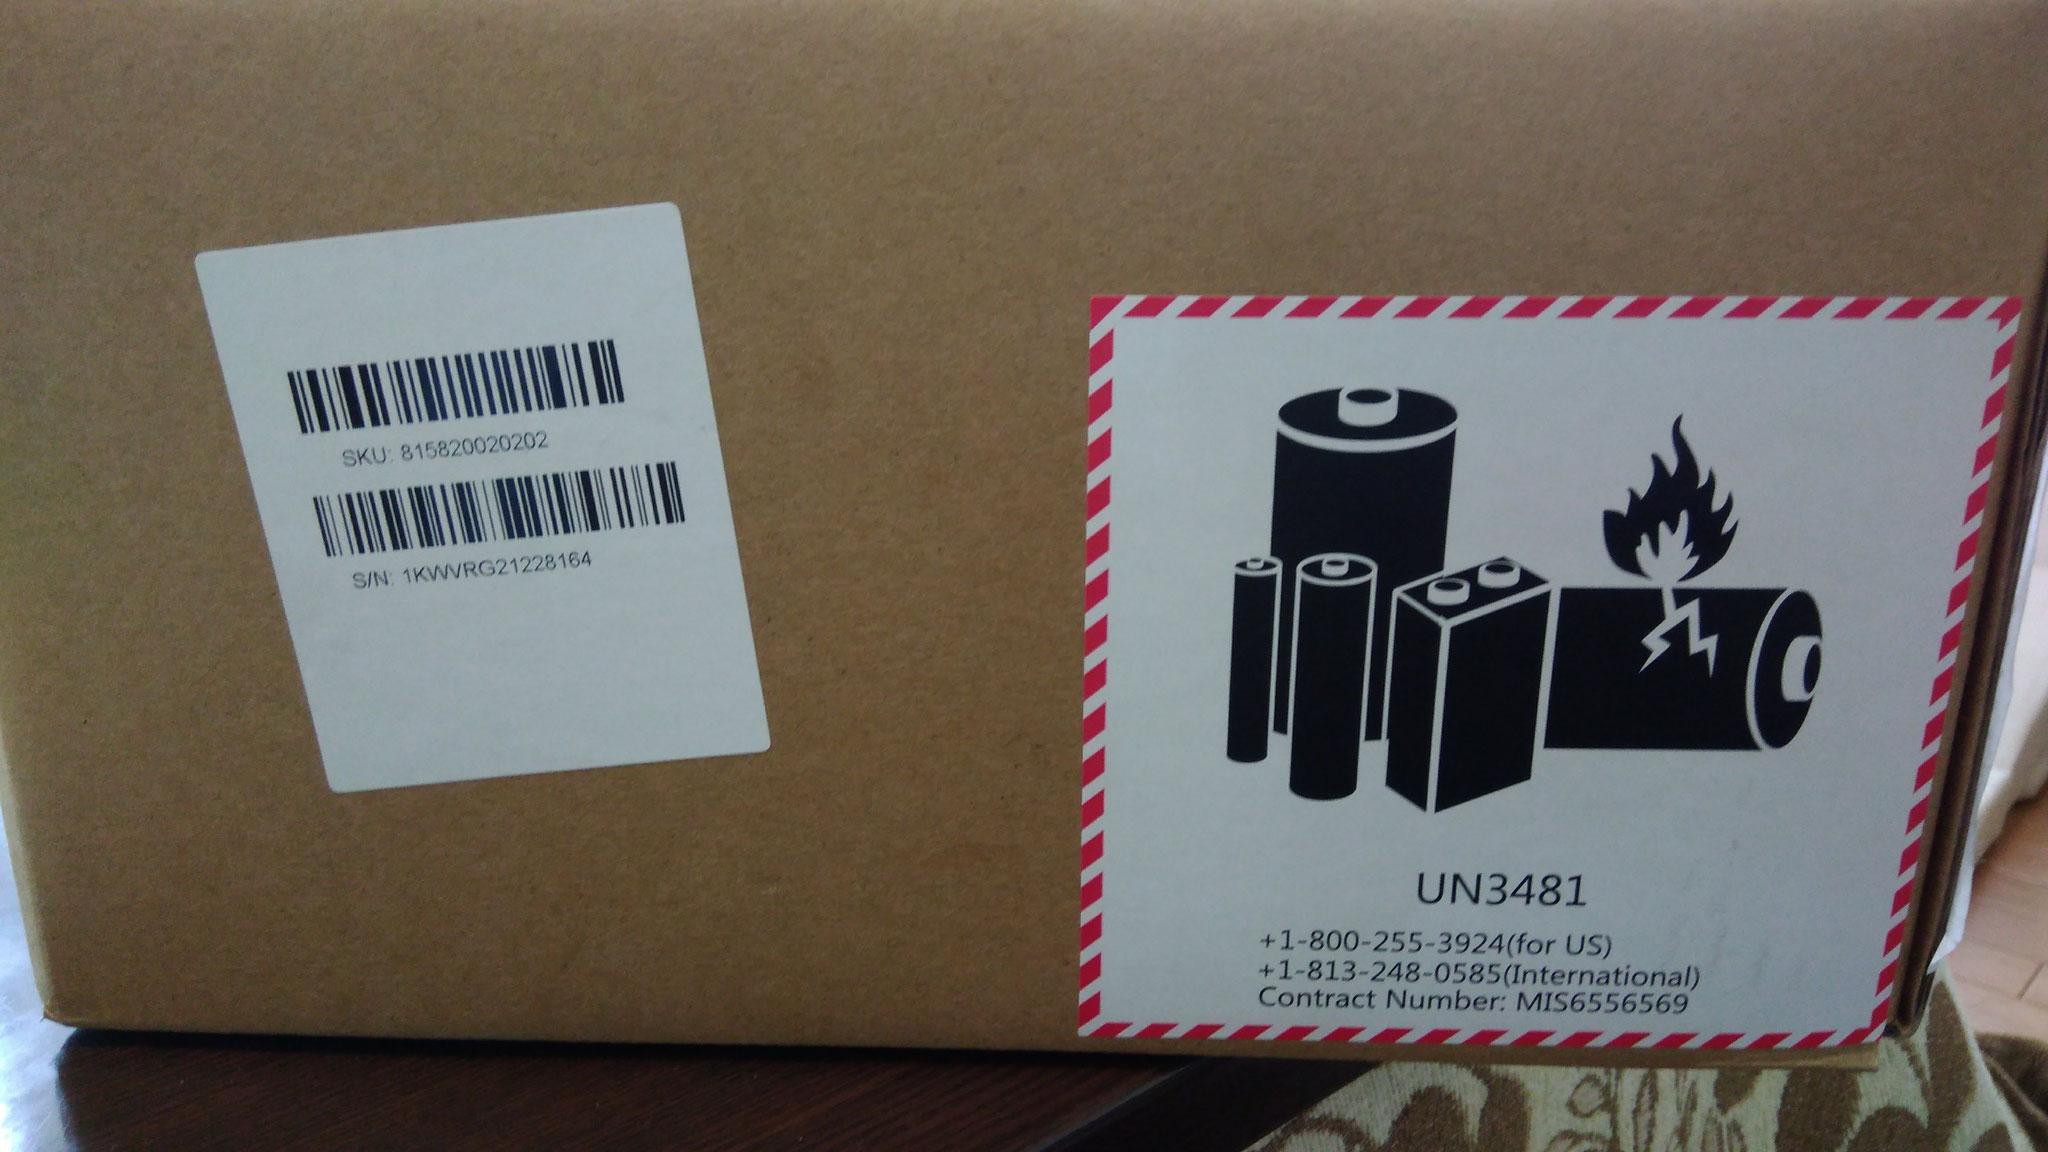 充電池内臓なので、箱にこんなシールが貼られてました